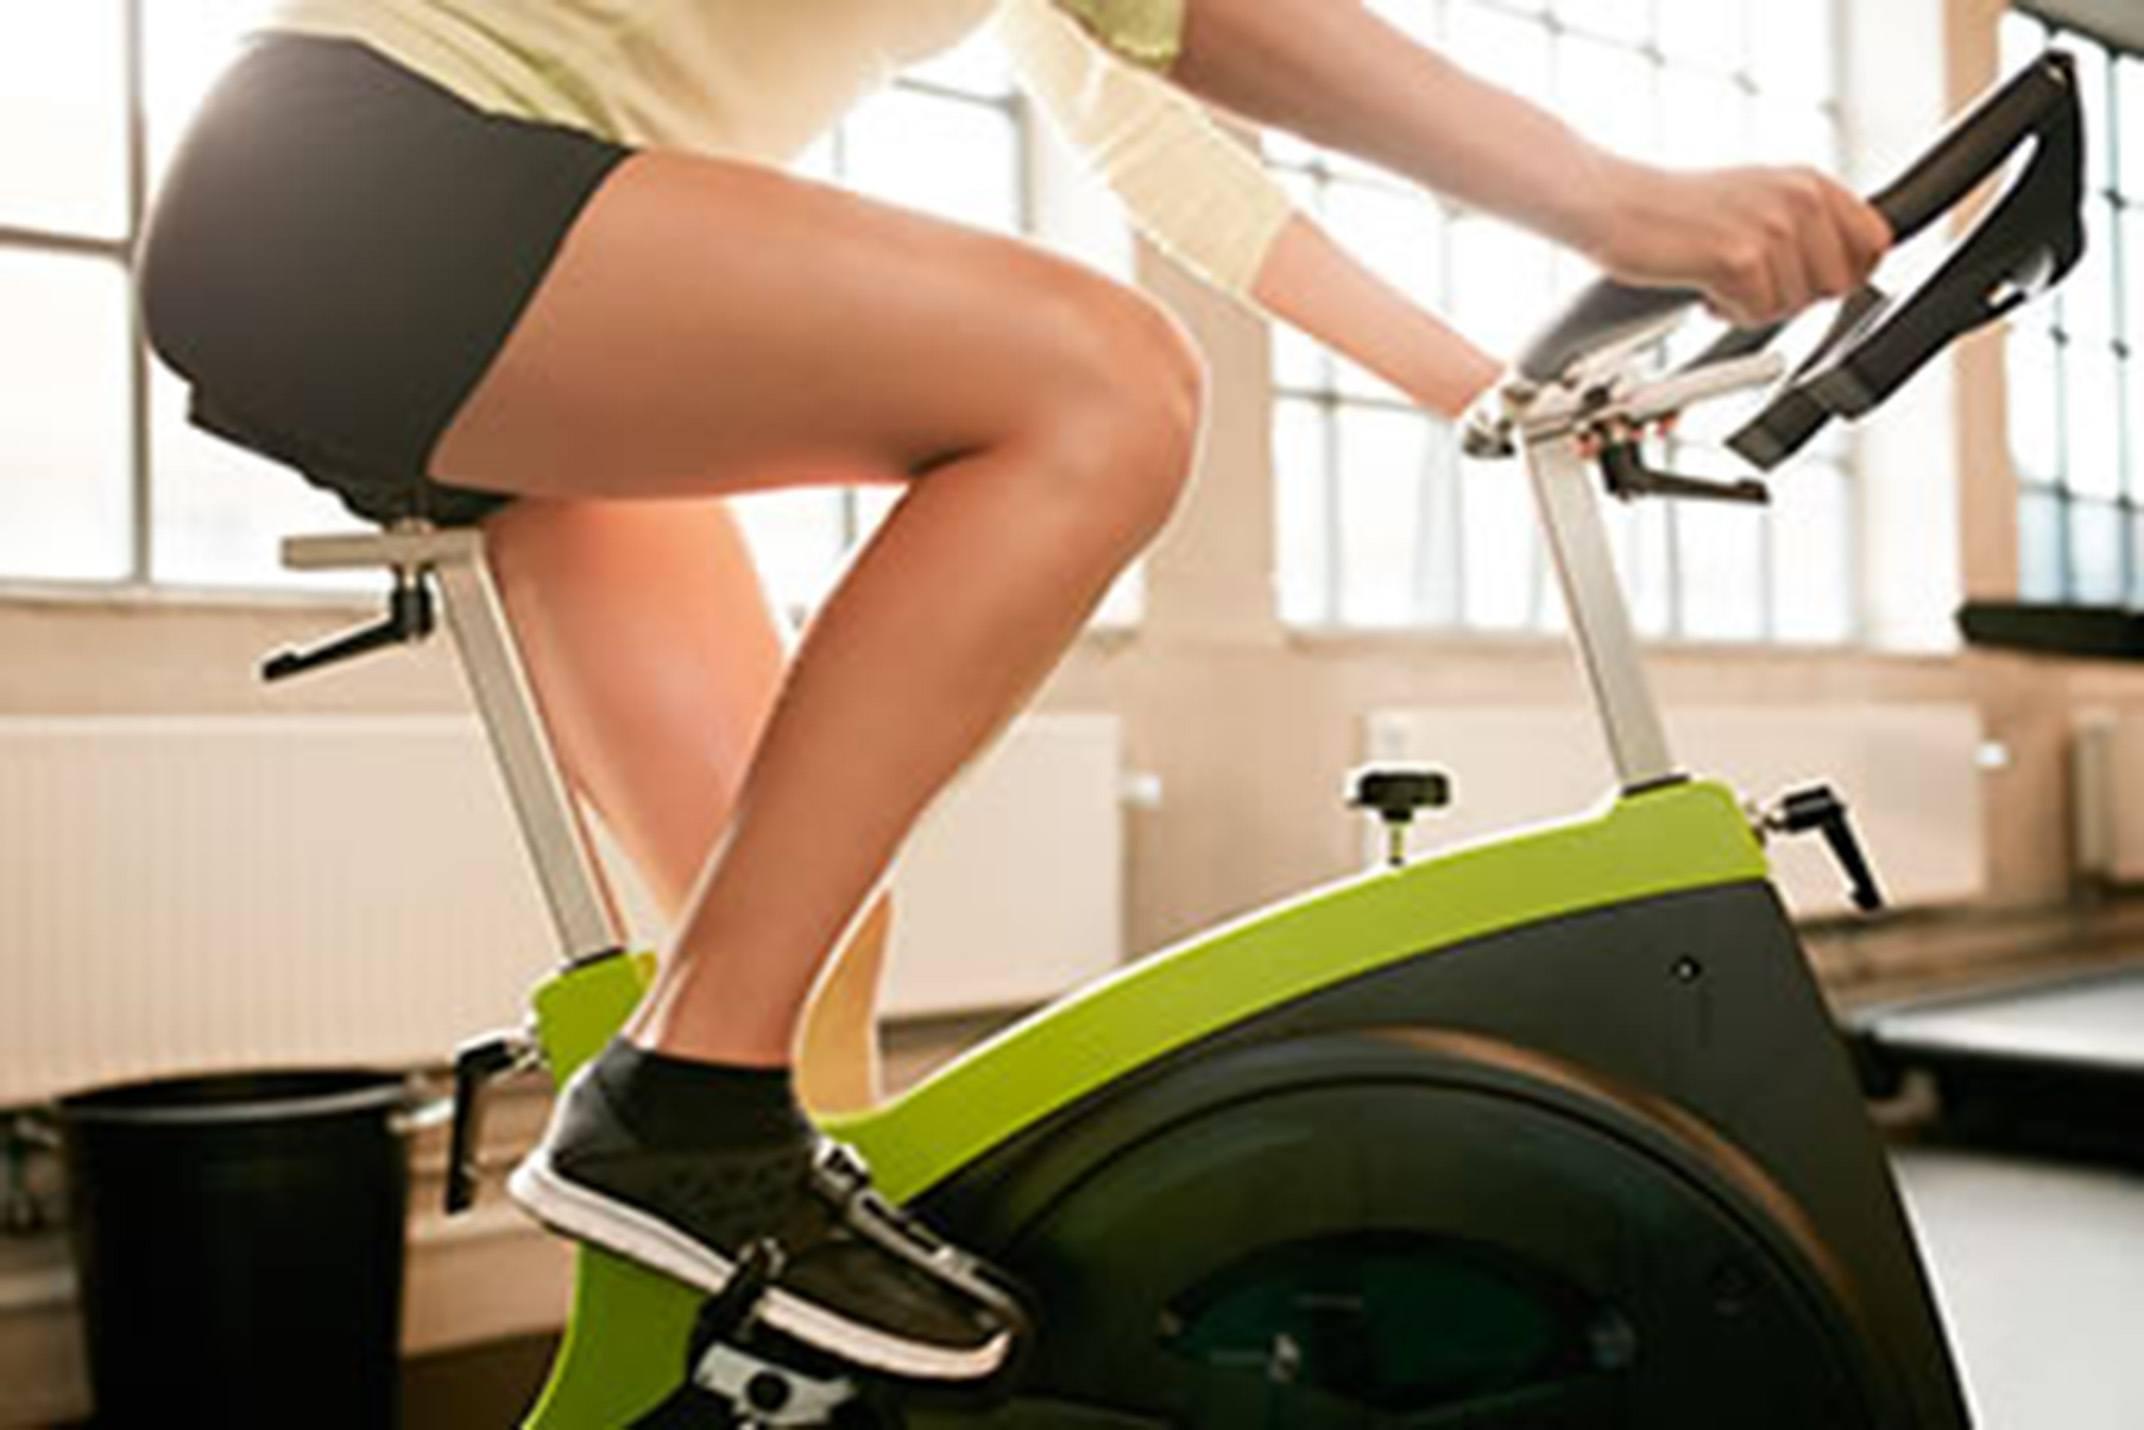 L-Carnitina Proporciona a Pacientes com Doença Arterial Periférica Melhor Qualidade de Vida e Desempenho no Exercício Físico